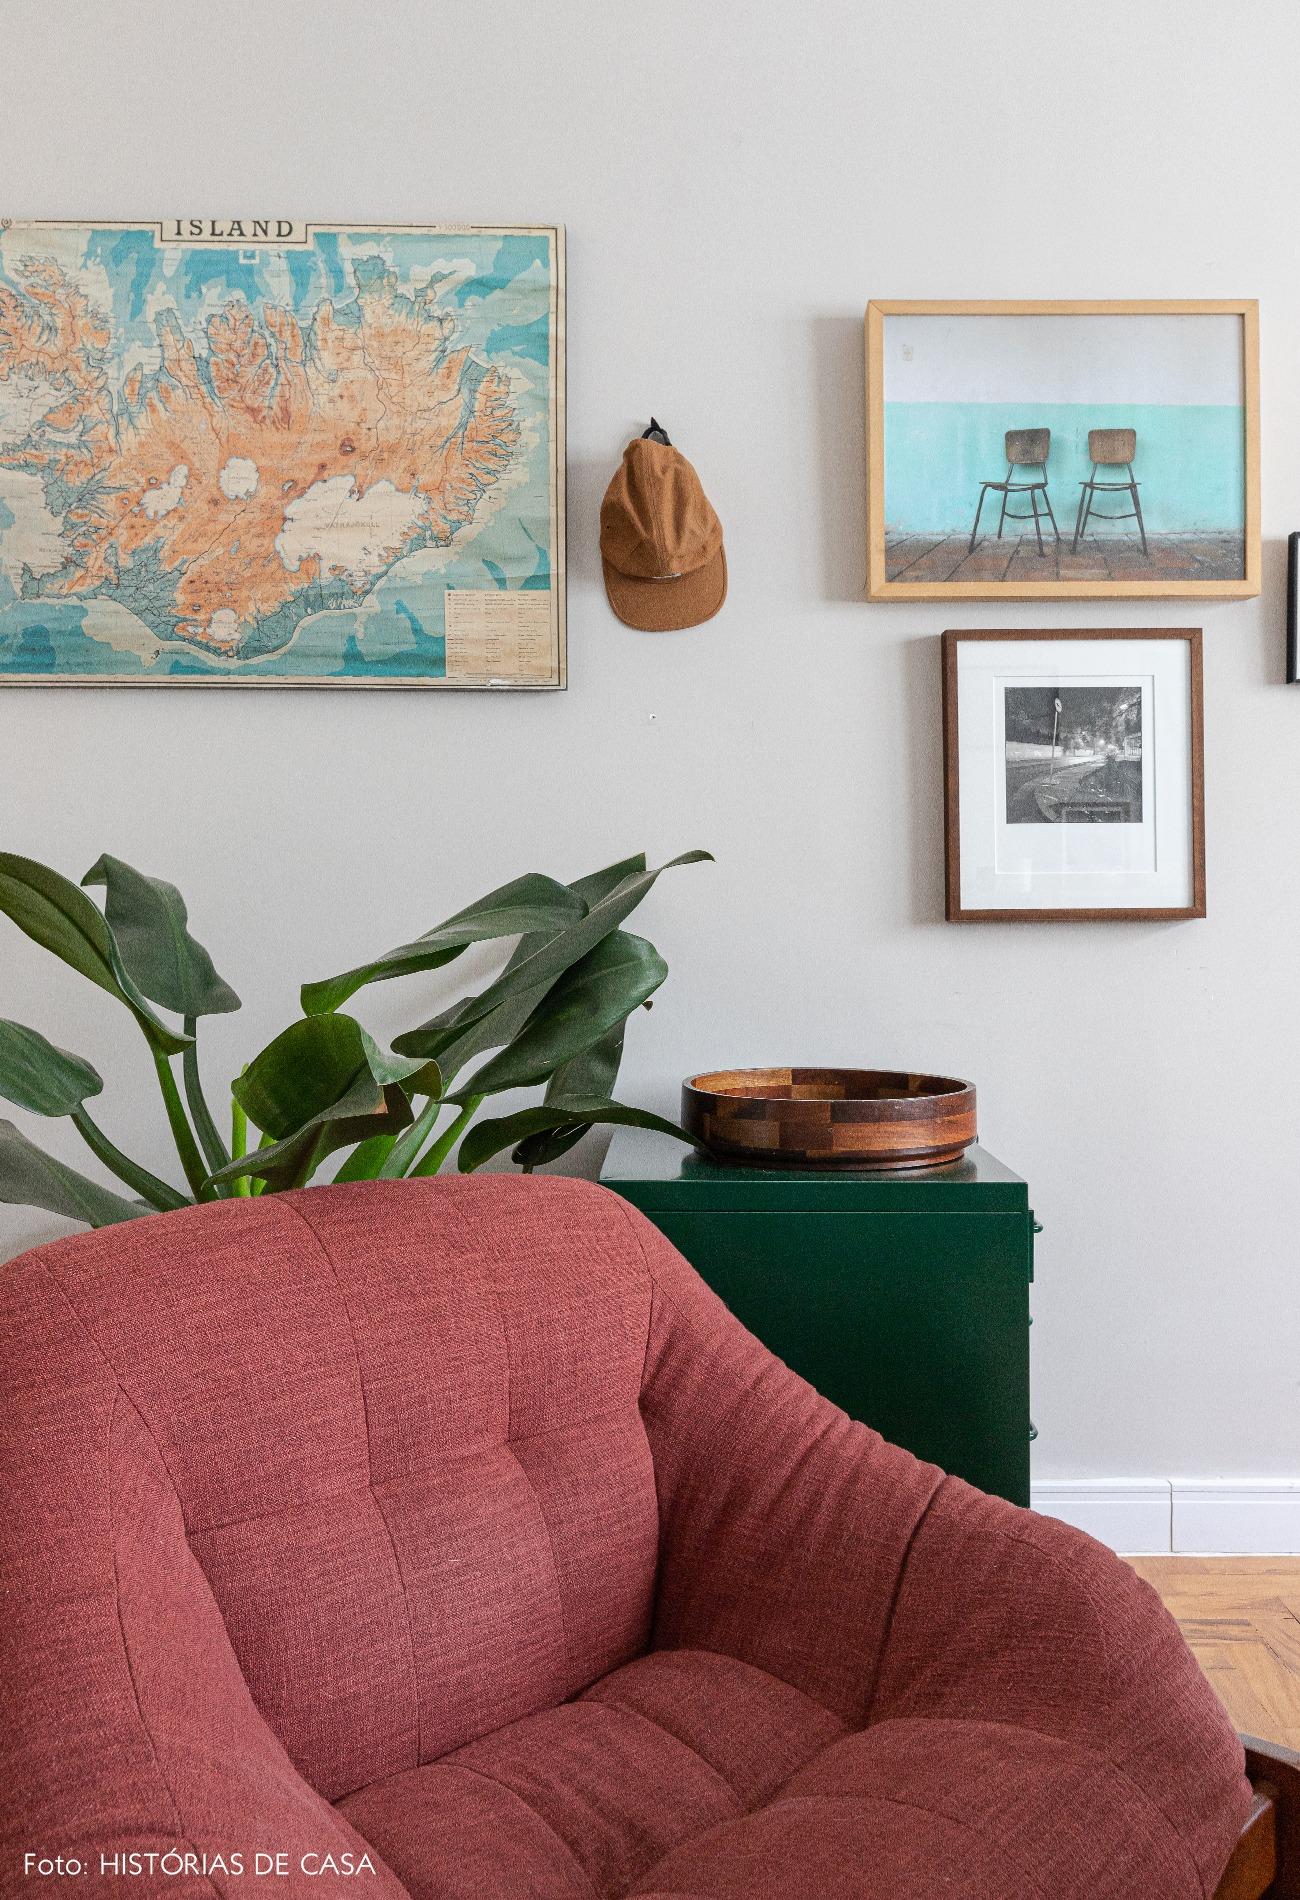 detalhe-home-office-poltrona-vermelha-planta-quadros